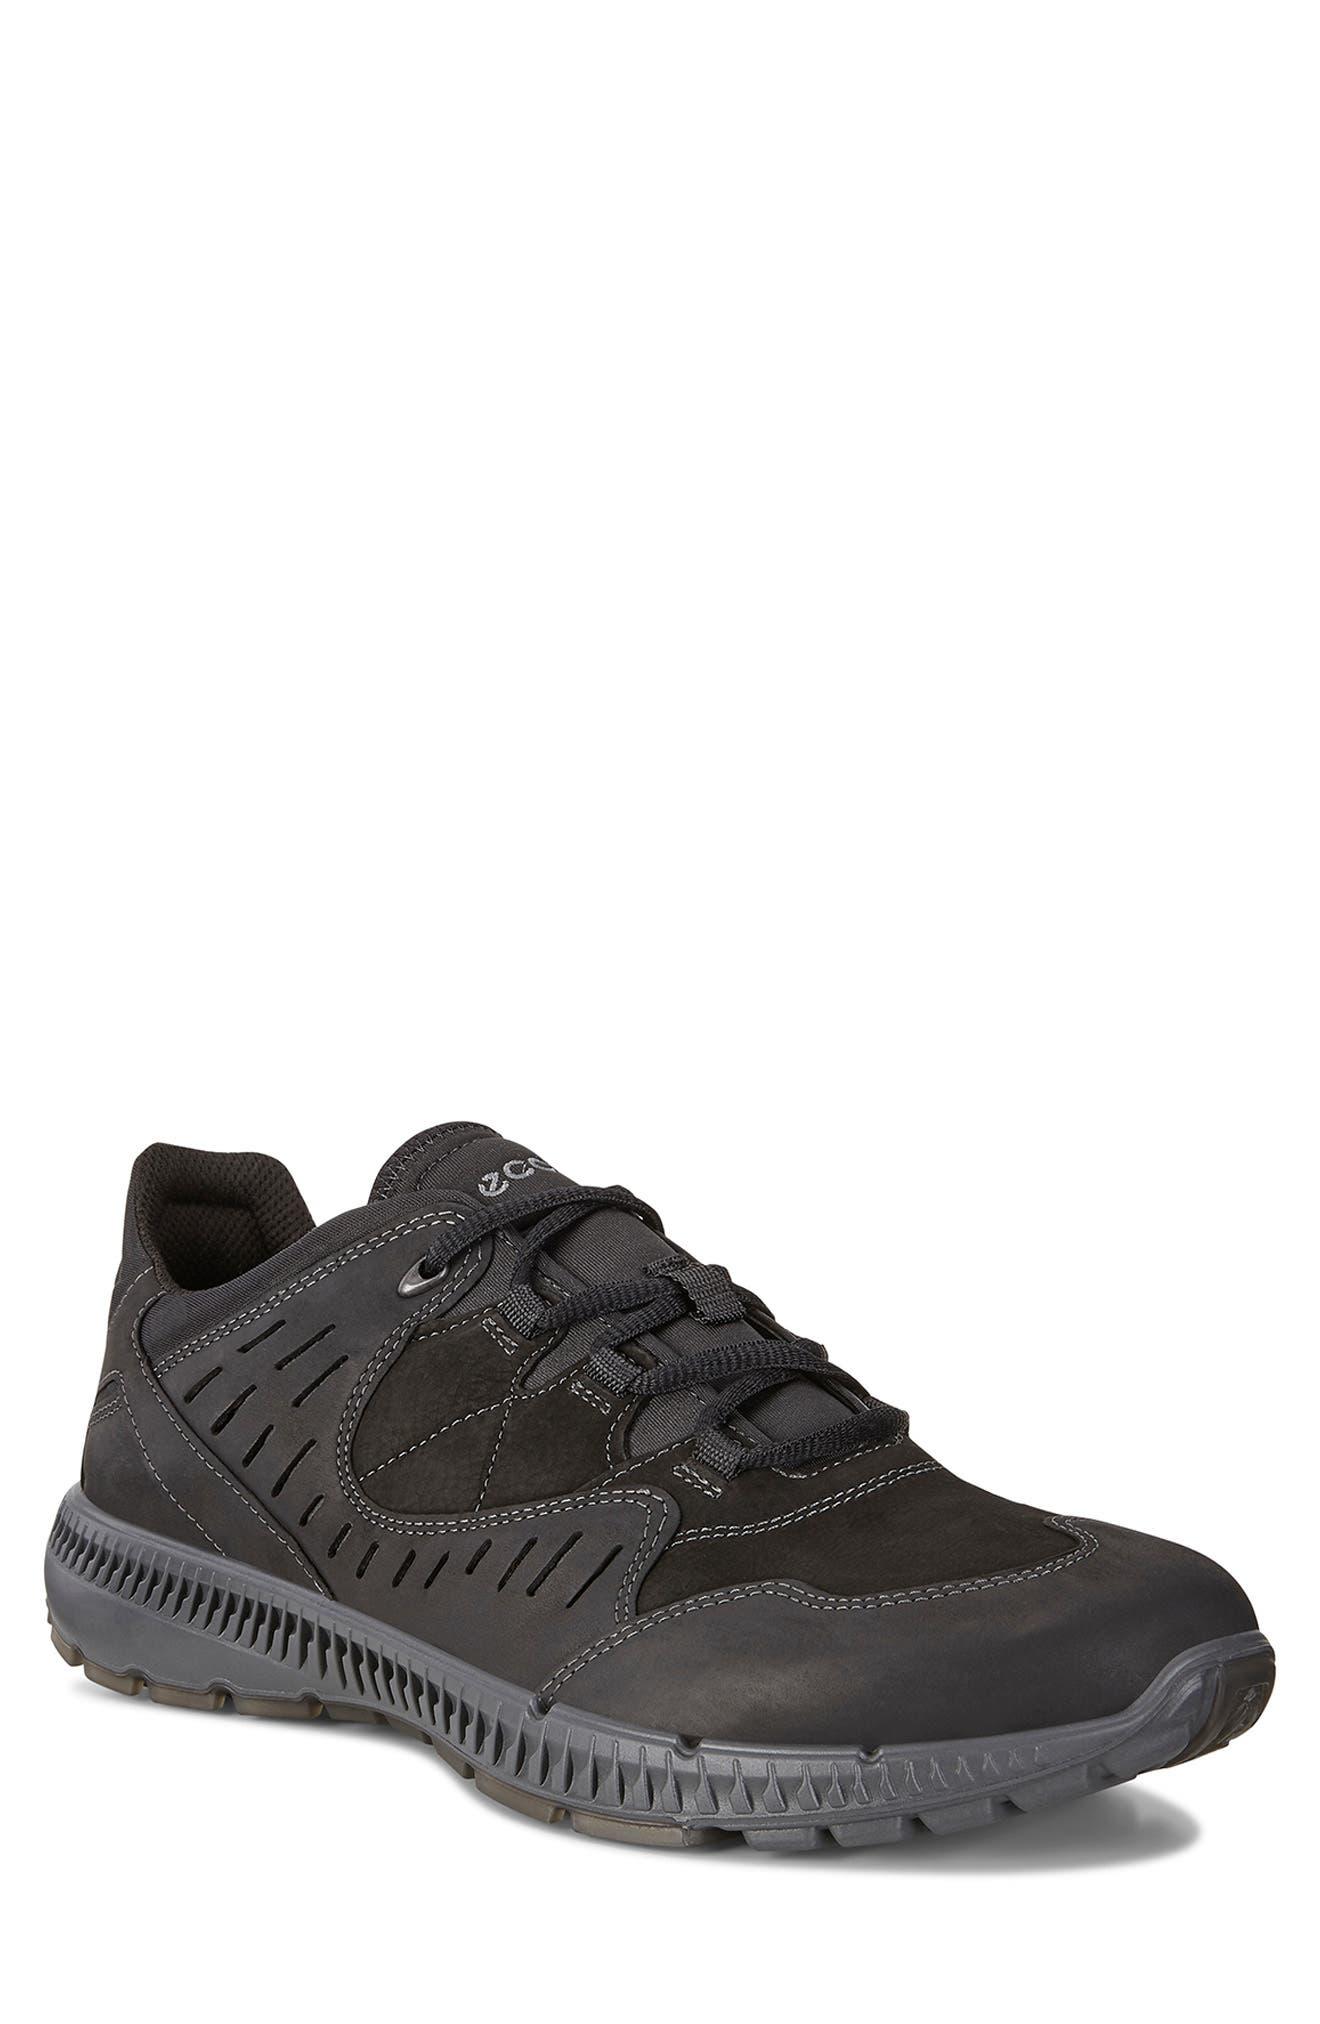 Terrawalk Sneaker,                             Main thumbnail 1, color,                             001